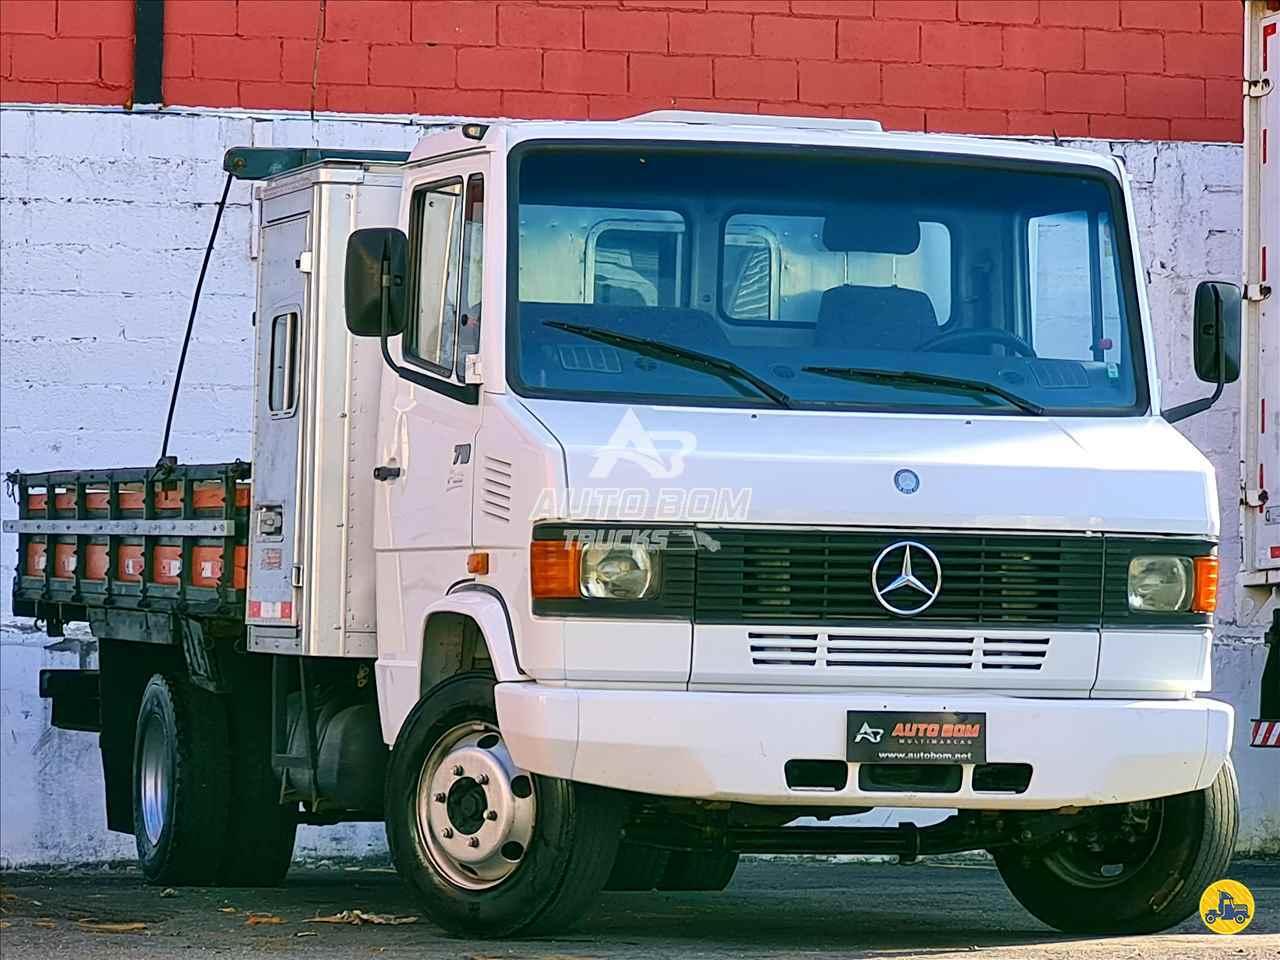 CAMINHAO MERCEDES-BENZ MB 710 Carroceria Cabine Suplementar Toco 4x4 Autobom Trucks CONTAGEM MINAS GERAIS MG